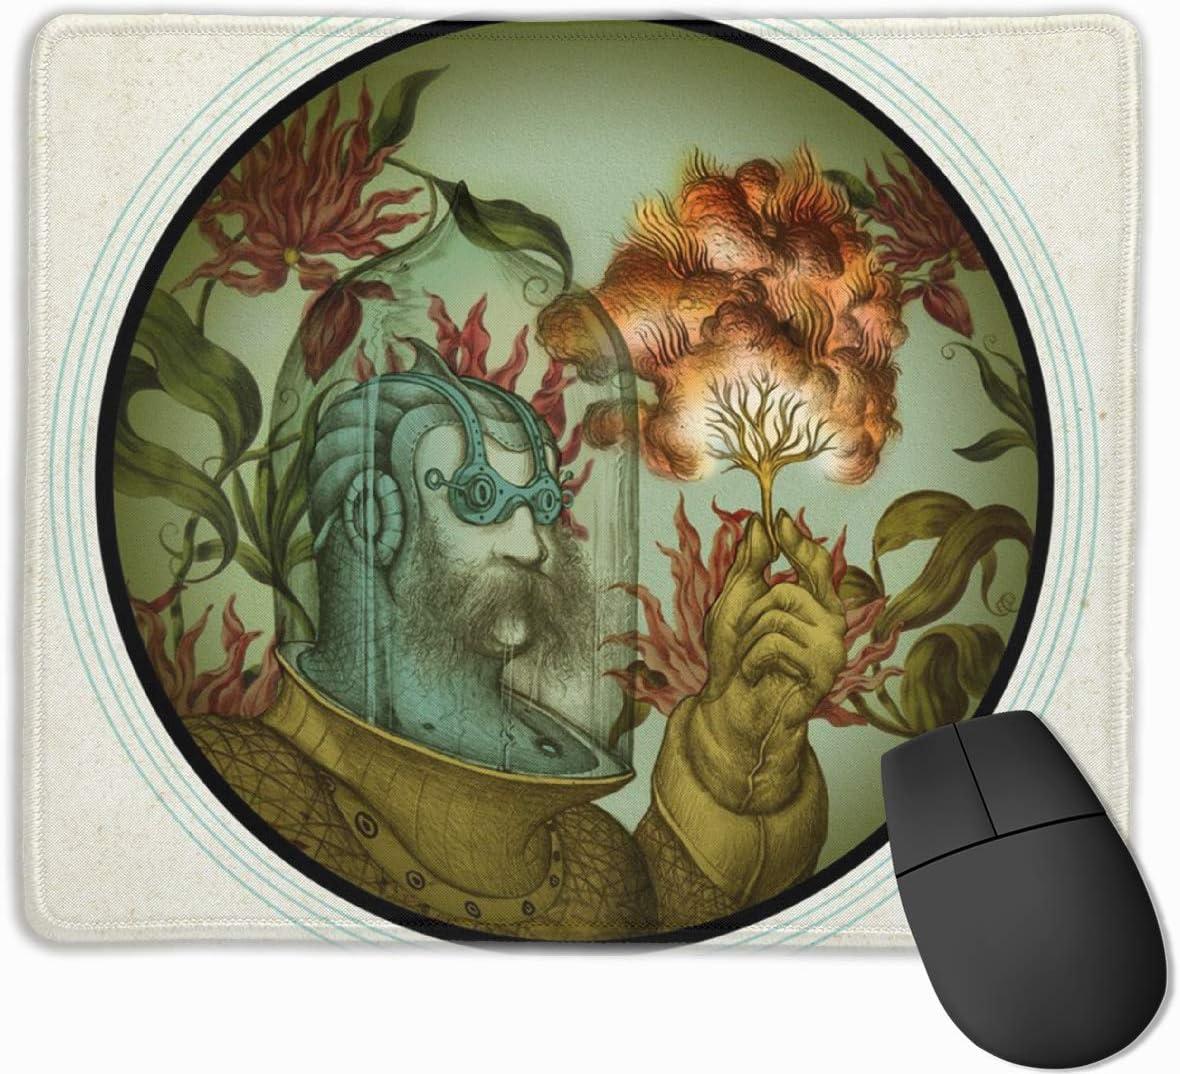 Alfombrilla de ratón Divertida de Caliope Alfombrilla de ratón Rectangular de Goma Alfombrilla de ratón para Juegos Alfombrilla de ratón para computadora Alfombrilla de ratón de Color